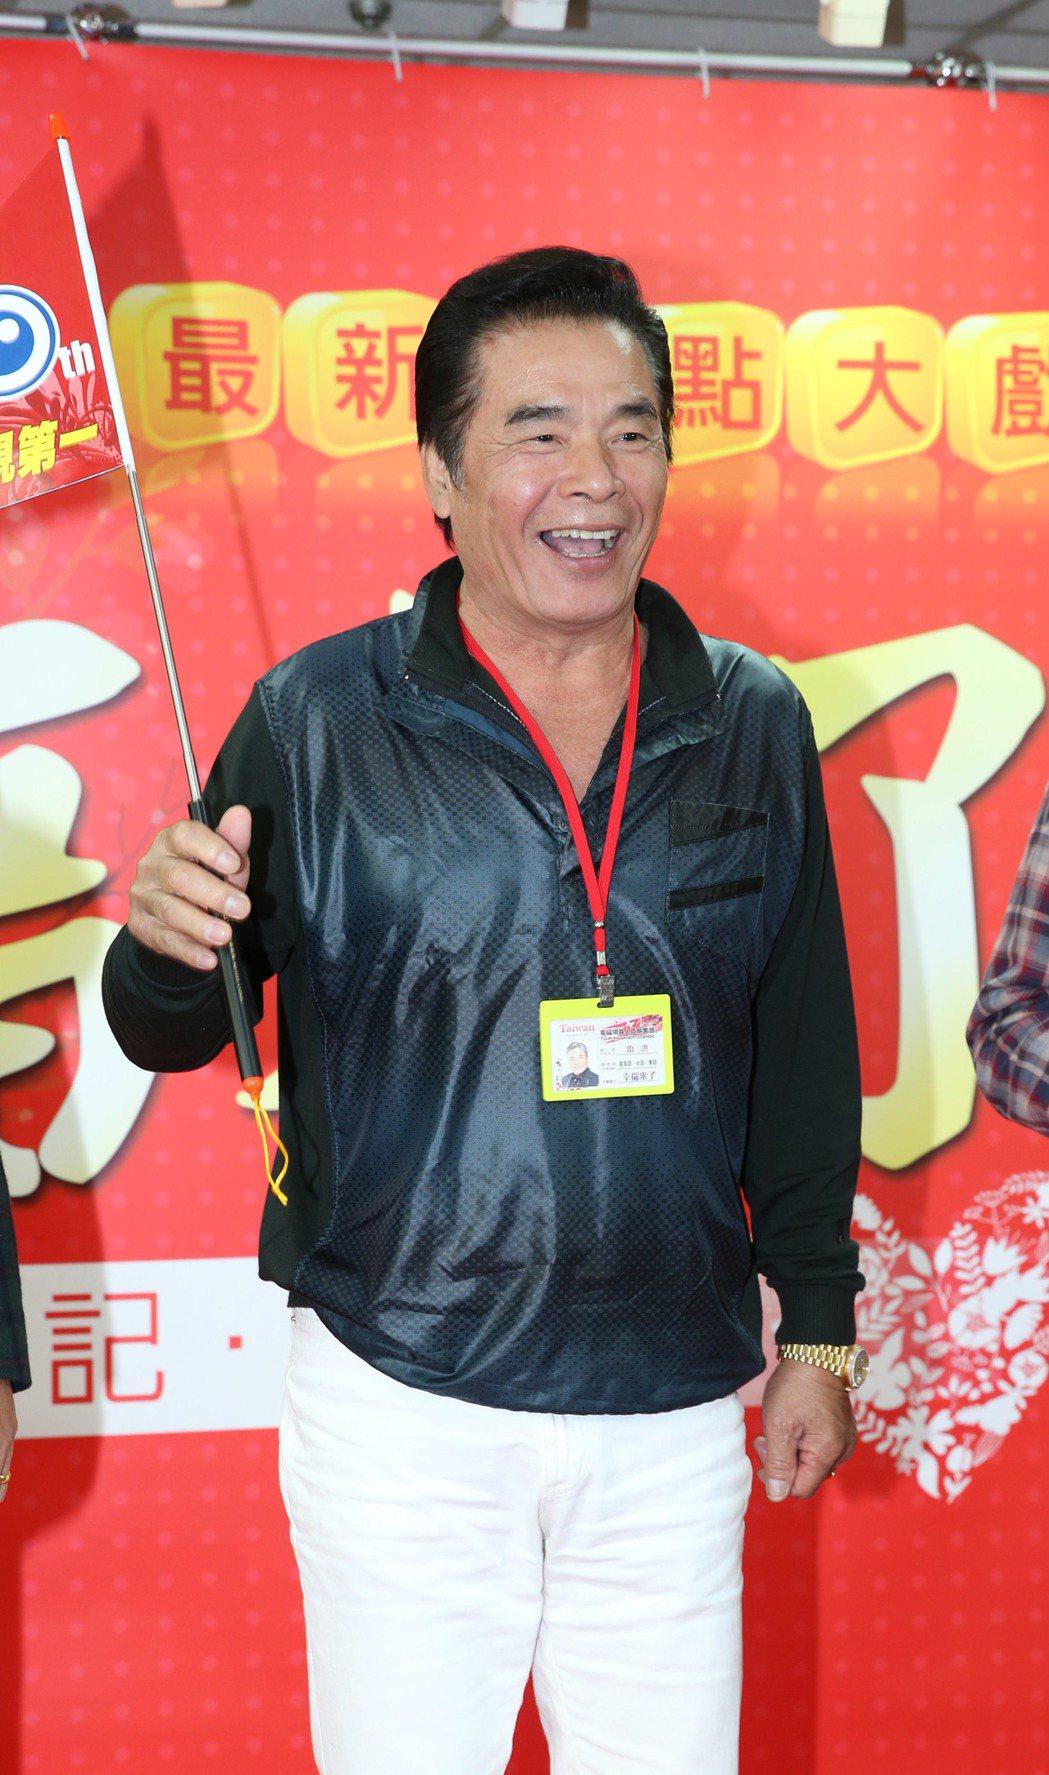 雷洪演出民視新8點「幸福來了」。記者陳瑞源/攝影